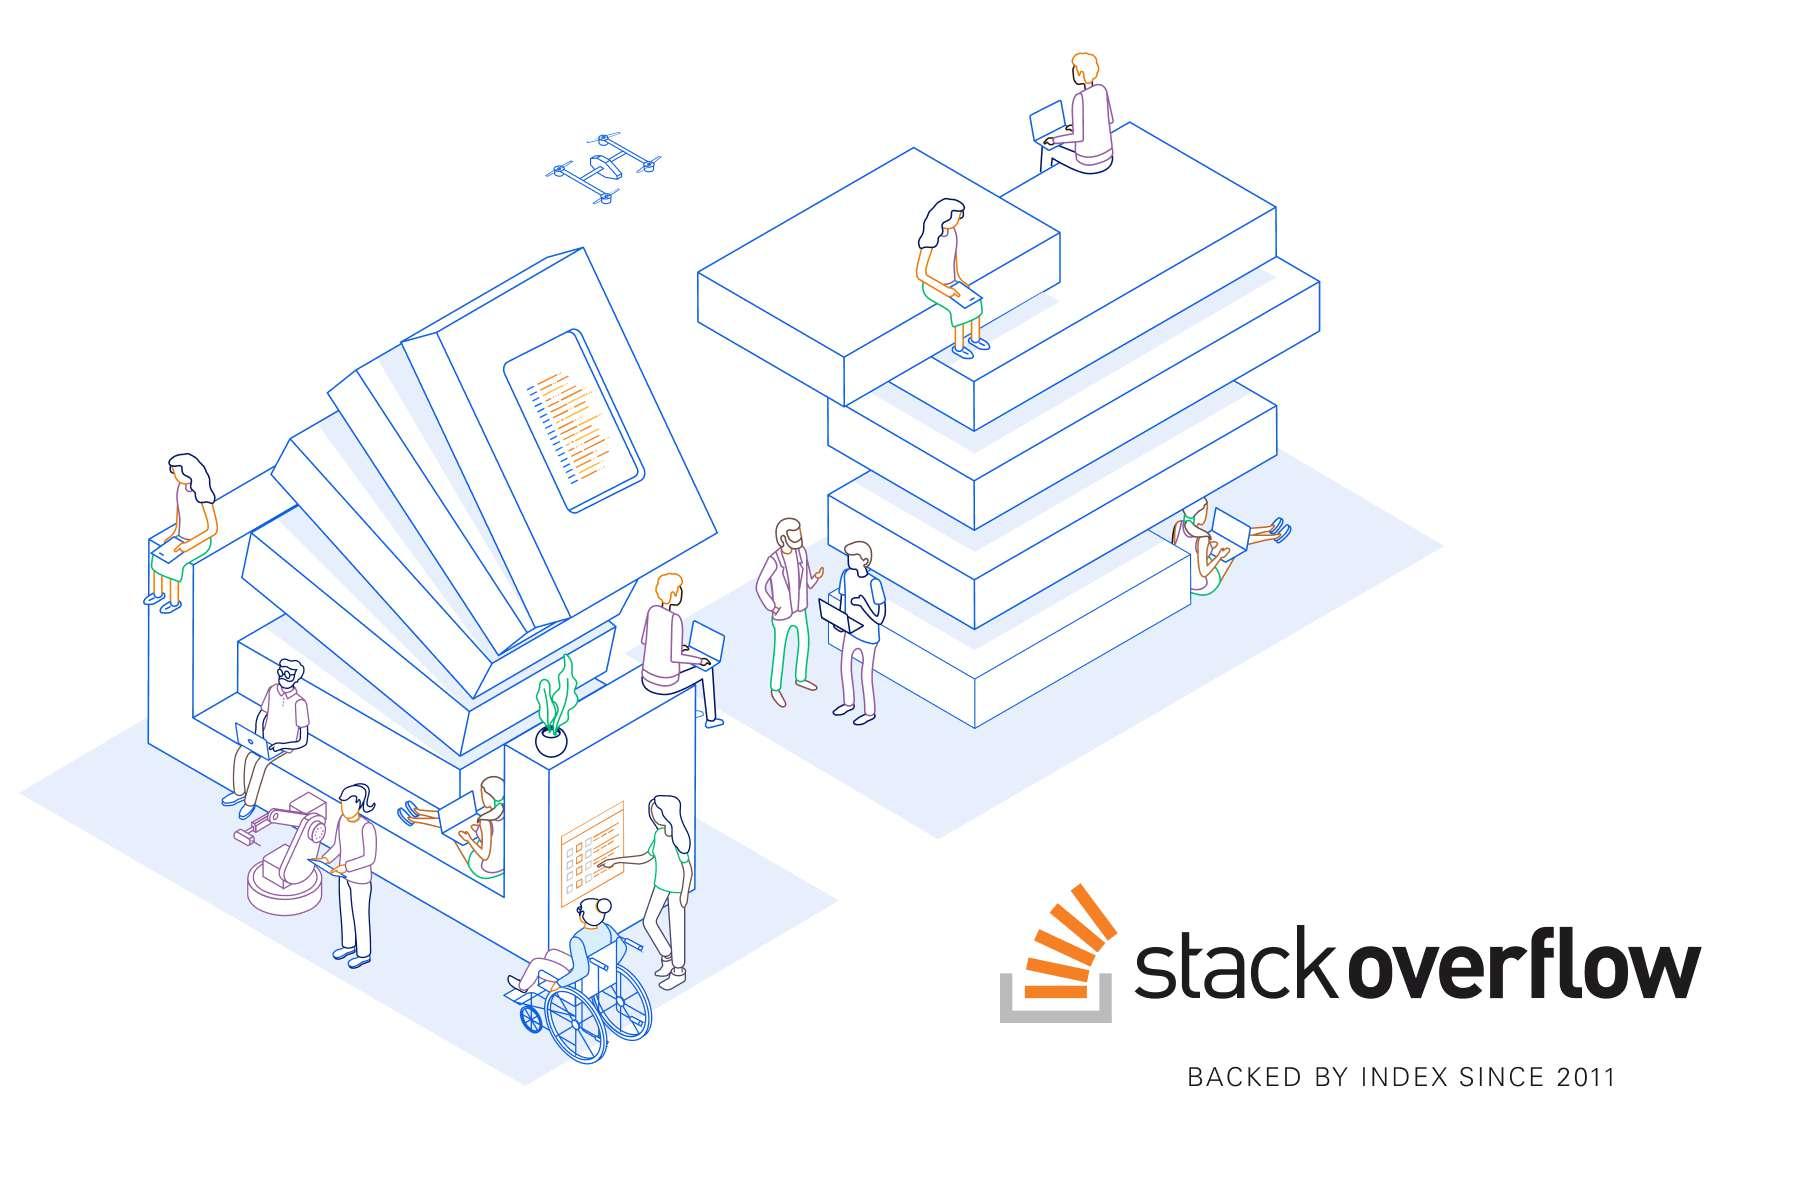 Stoack Overflow_Blog.jpg